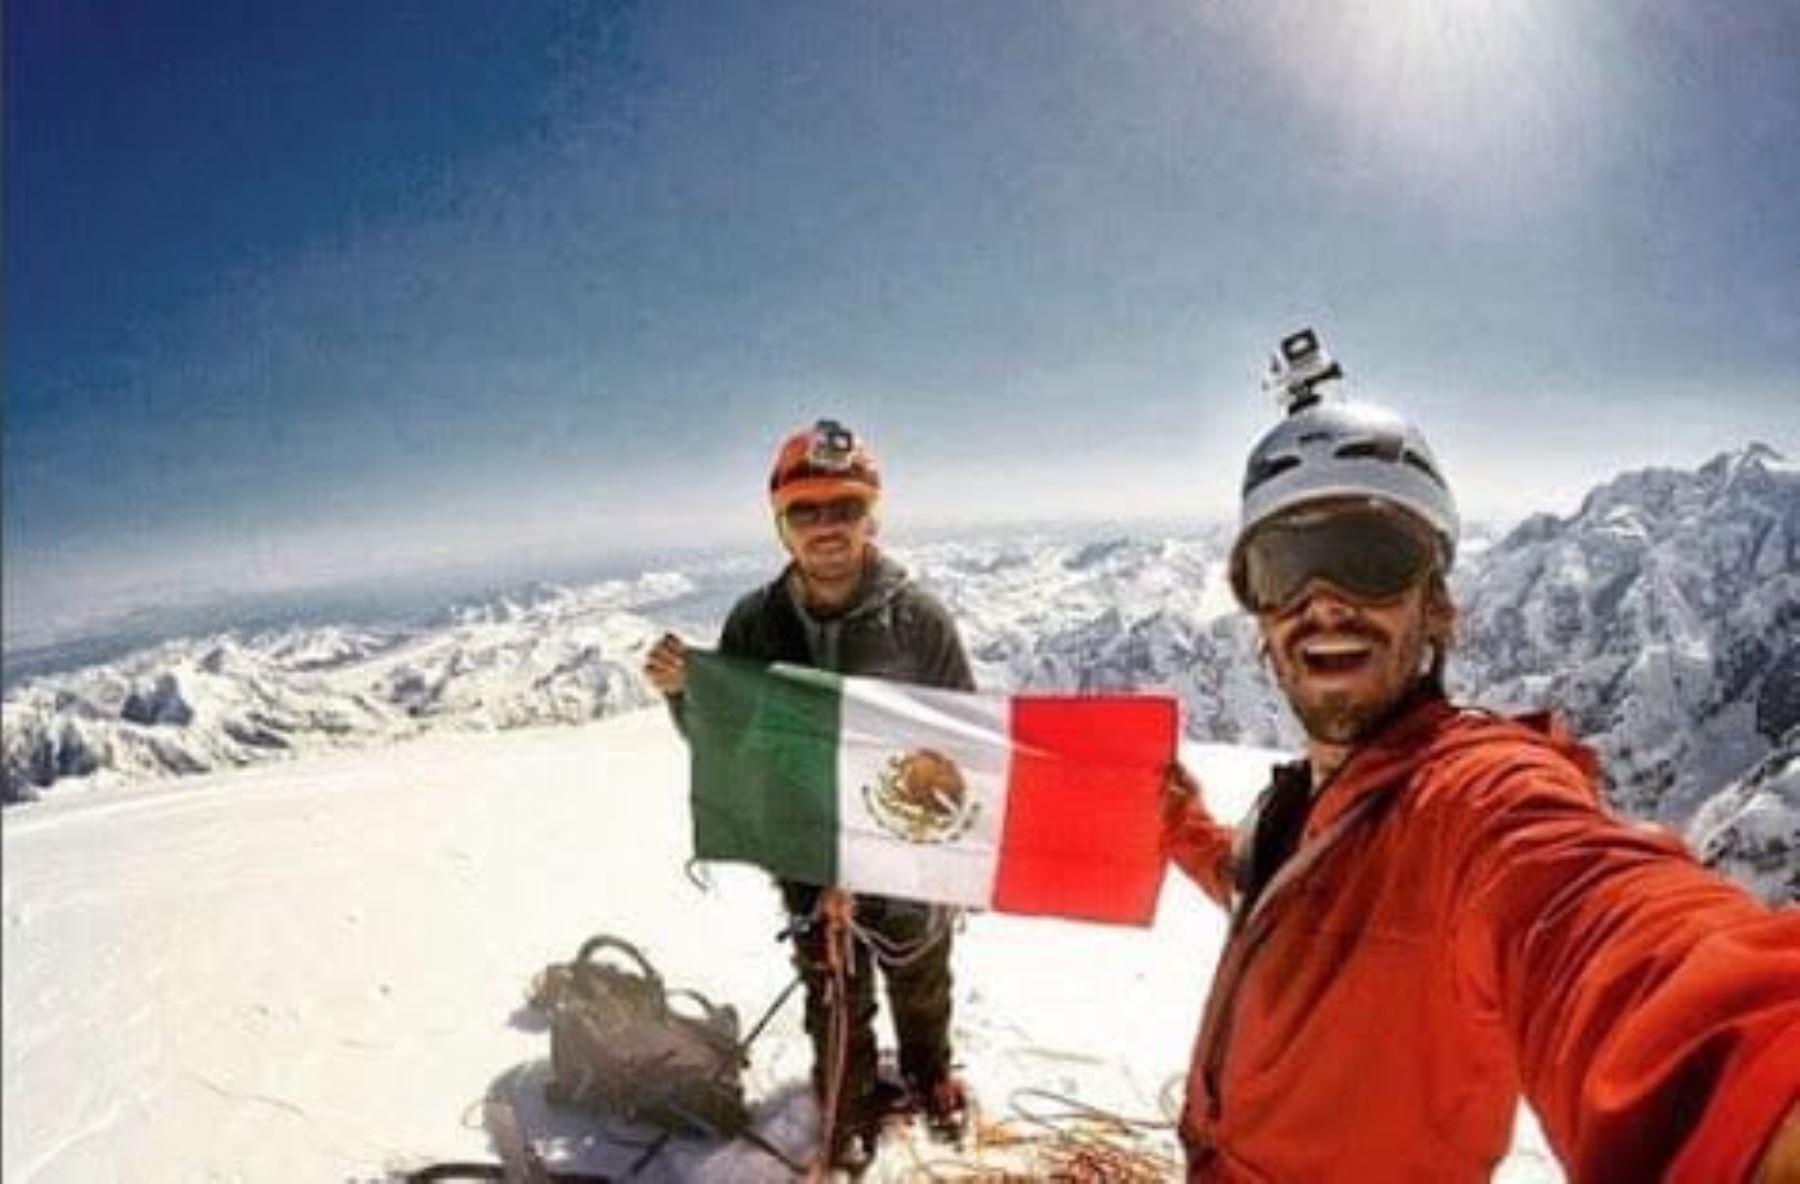 Montañistas mexicanos, Daniel Araiza y Enrique Gonzalez mueren en el nevado Artesonraju, en Áncash. Foto: Daniel Araiza/Facebook